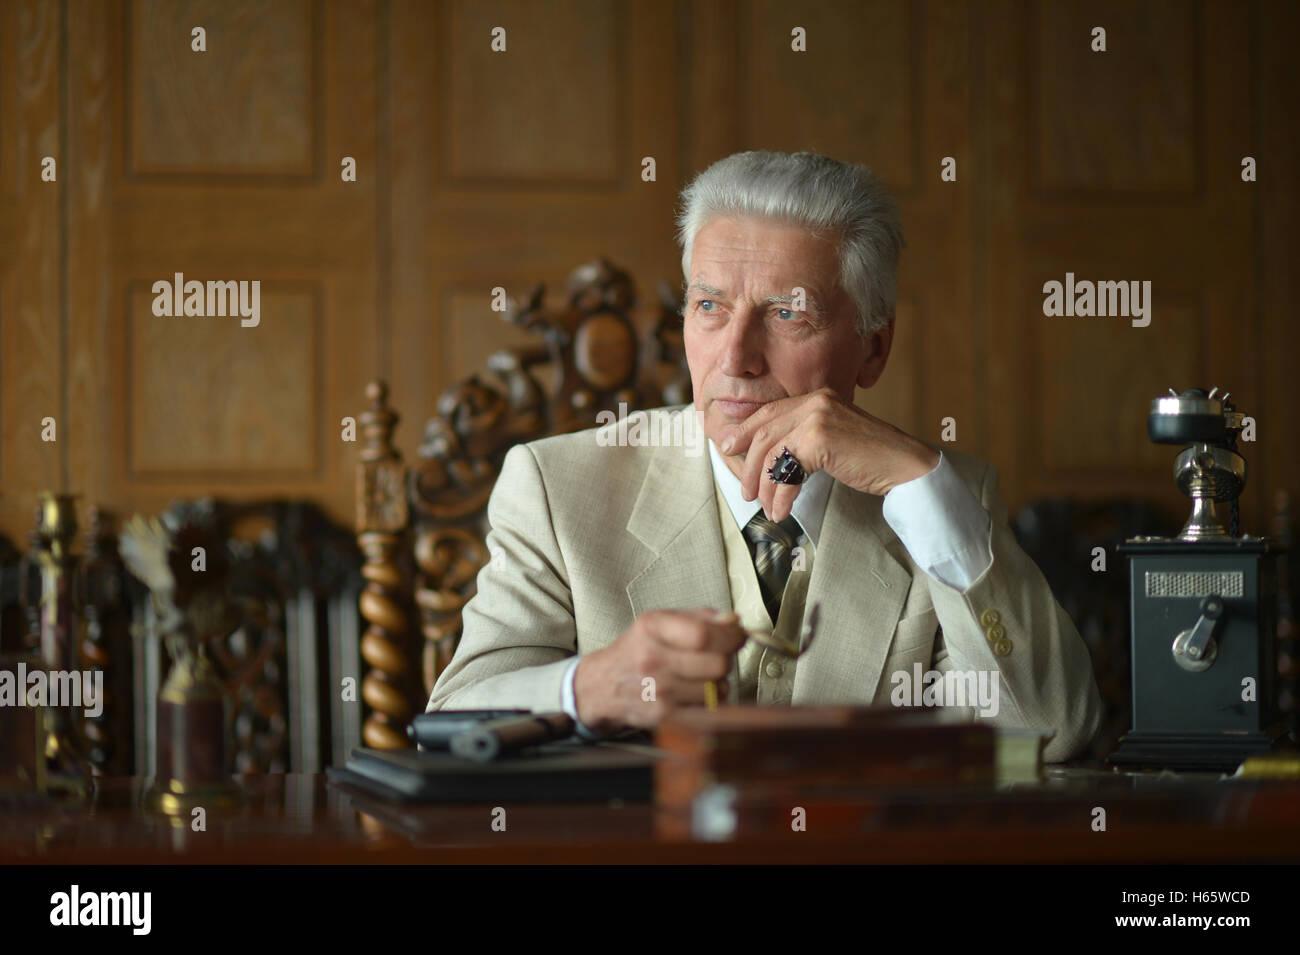 Mature male mafia boss - Stock Image